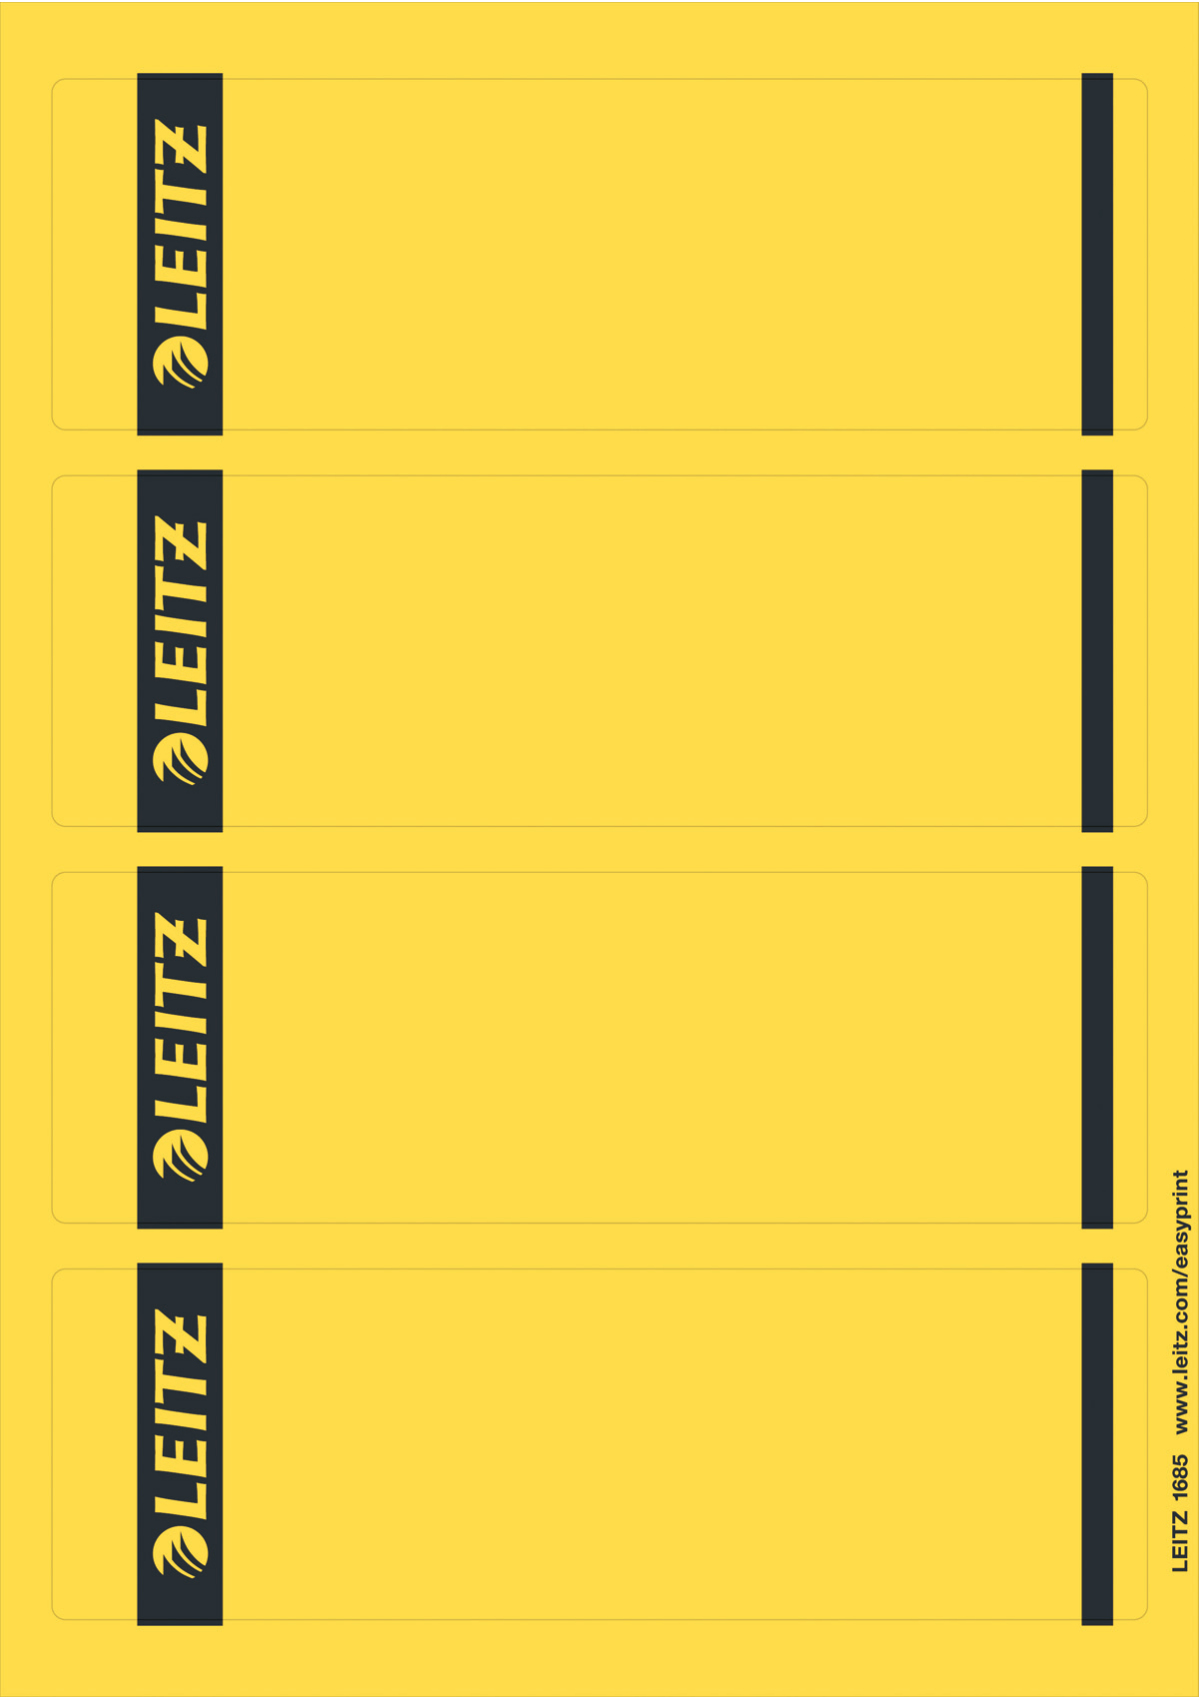 Esselte Leitz PC-beschriftbare Rückenschilder für Qualitäts-Ordner 180° - Standard- und Hartpappe-Ordner selbstklebendes Etikett